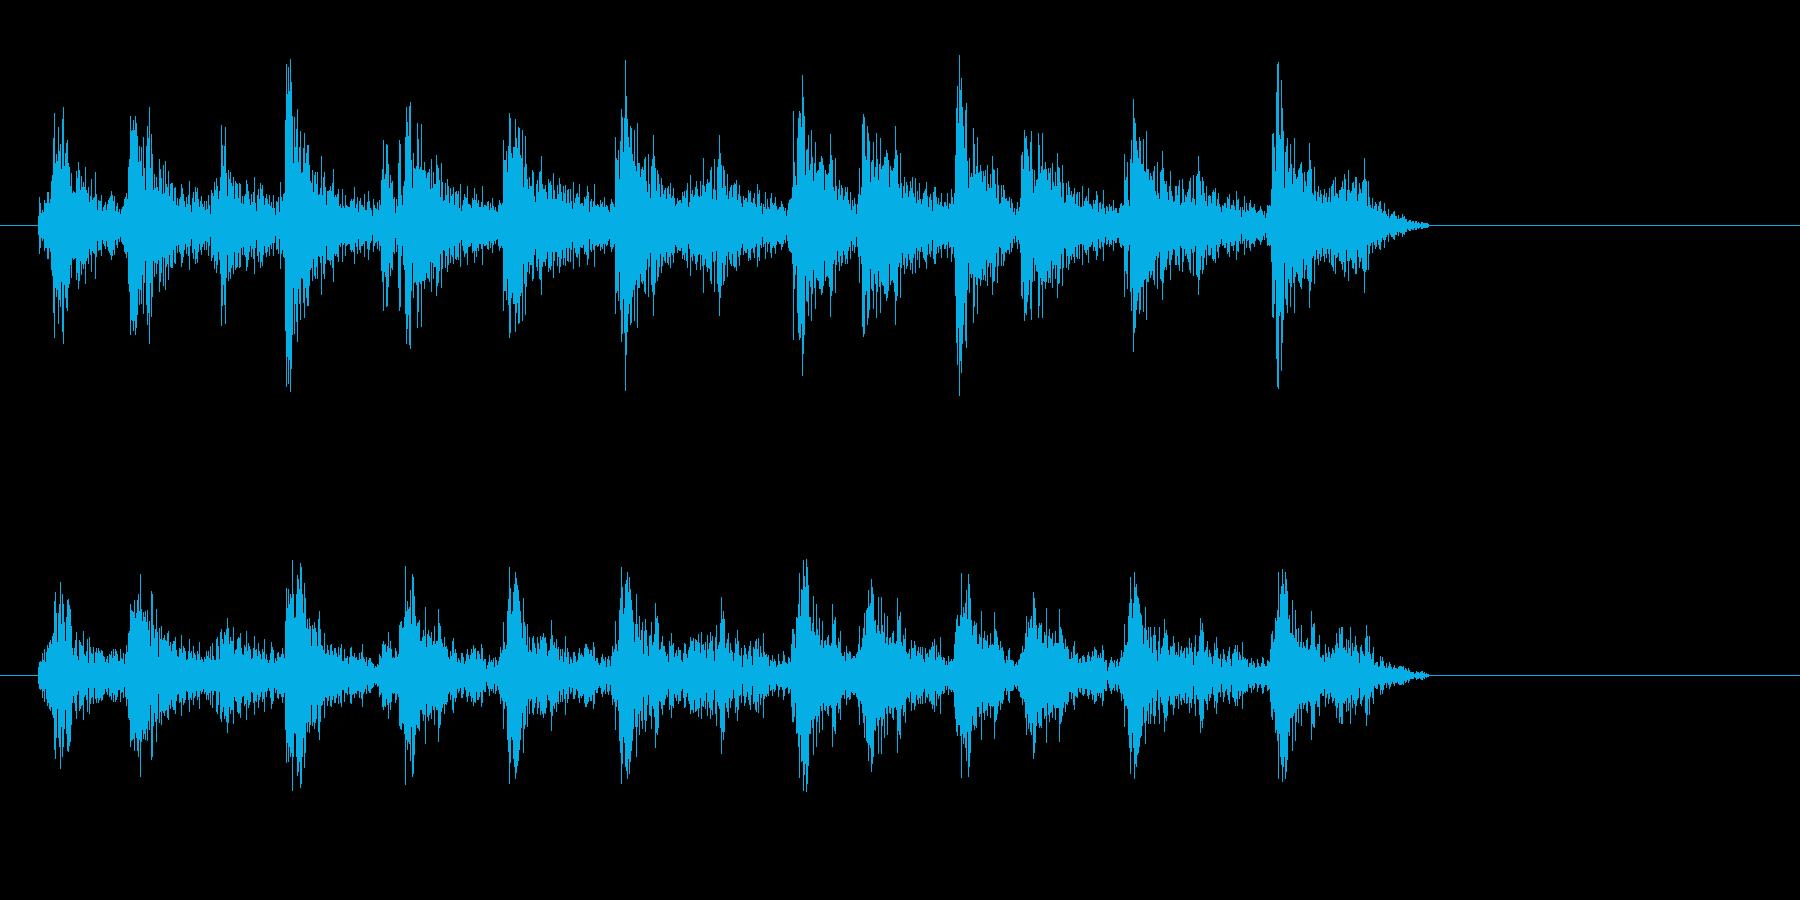 ジリリ(ゼンマイを巻くような音)の再生済みの波形